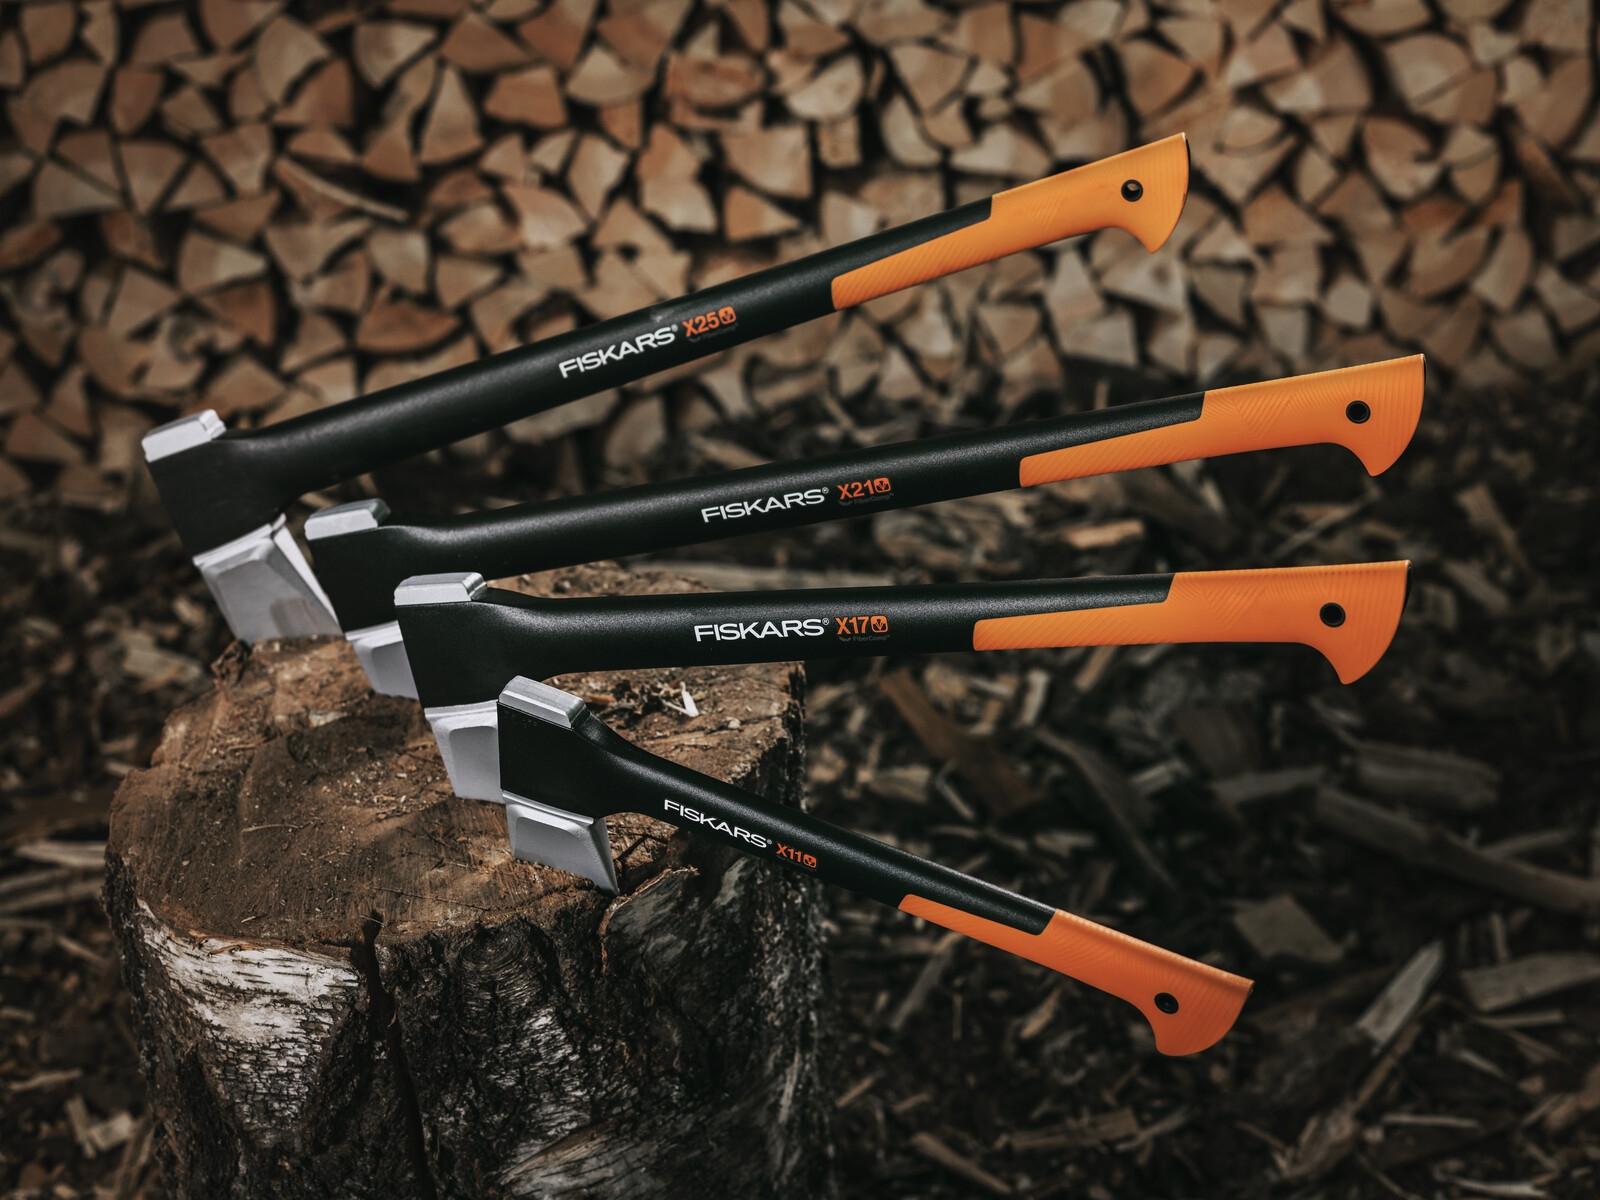 Příprava dřeva na zimu se neobejde bez kvalitní sekery